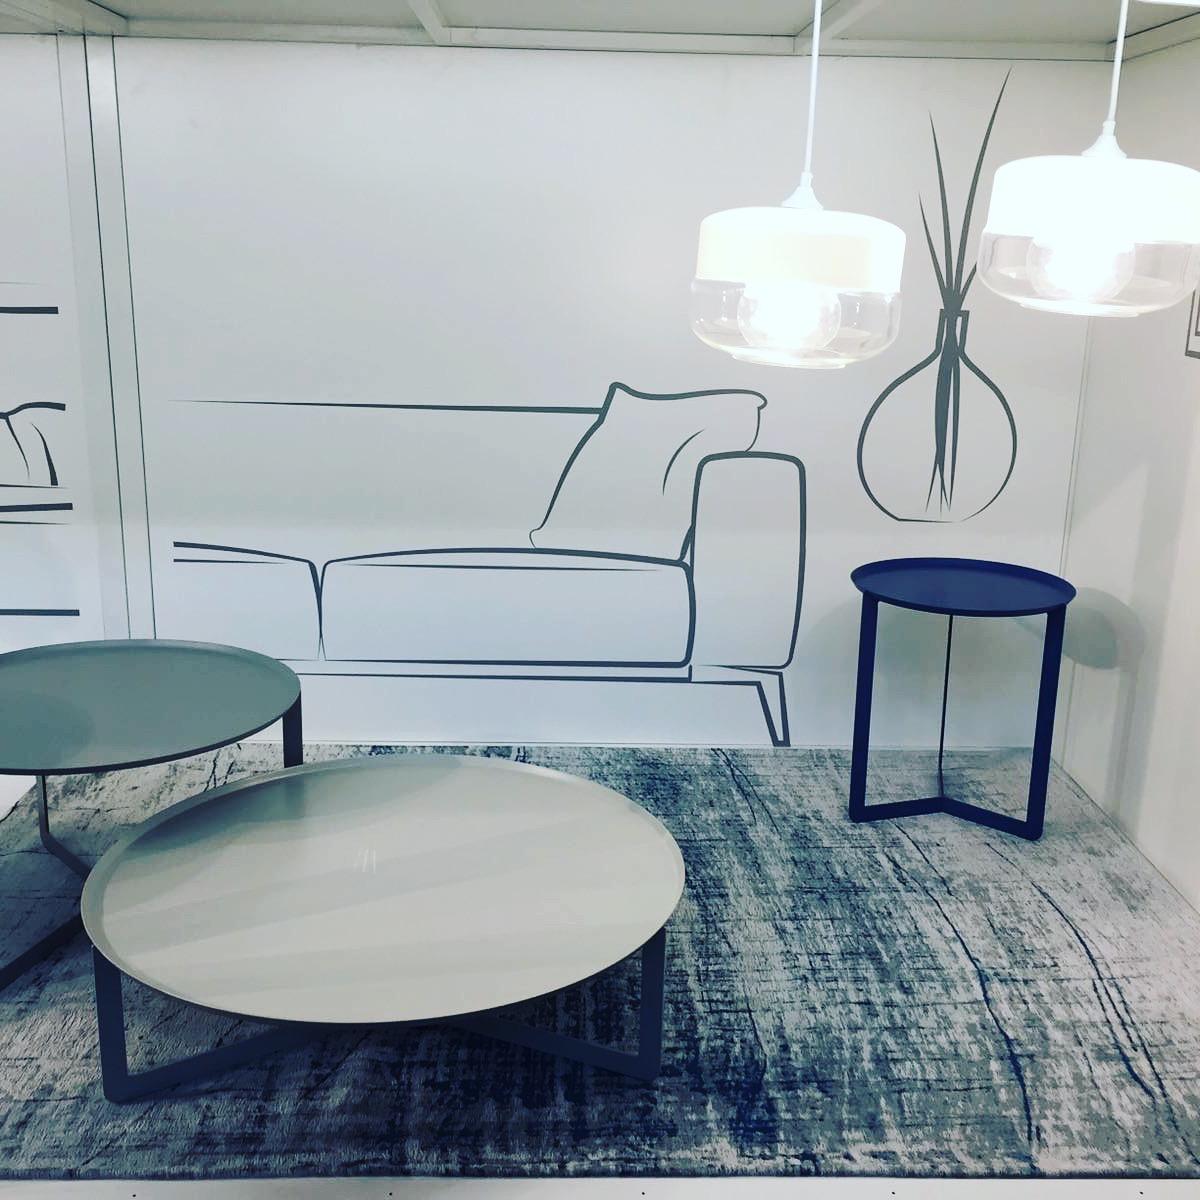 Tappeti moderni online | RAGGIO DI LUNA | MeMe Design | LivingDECO\'